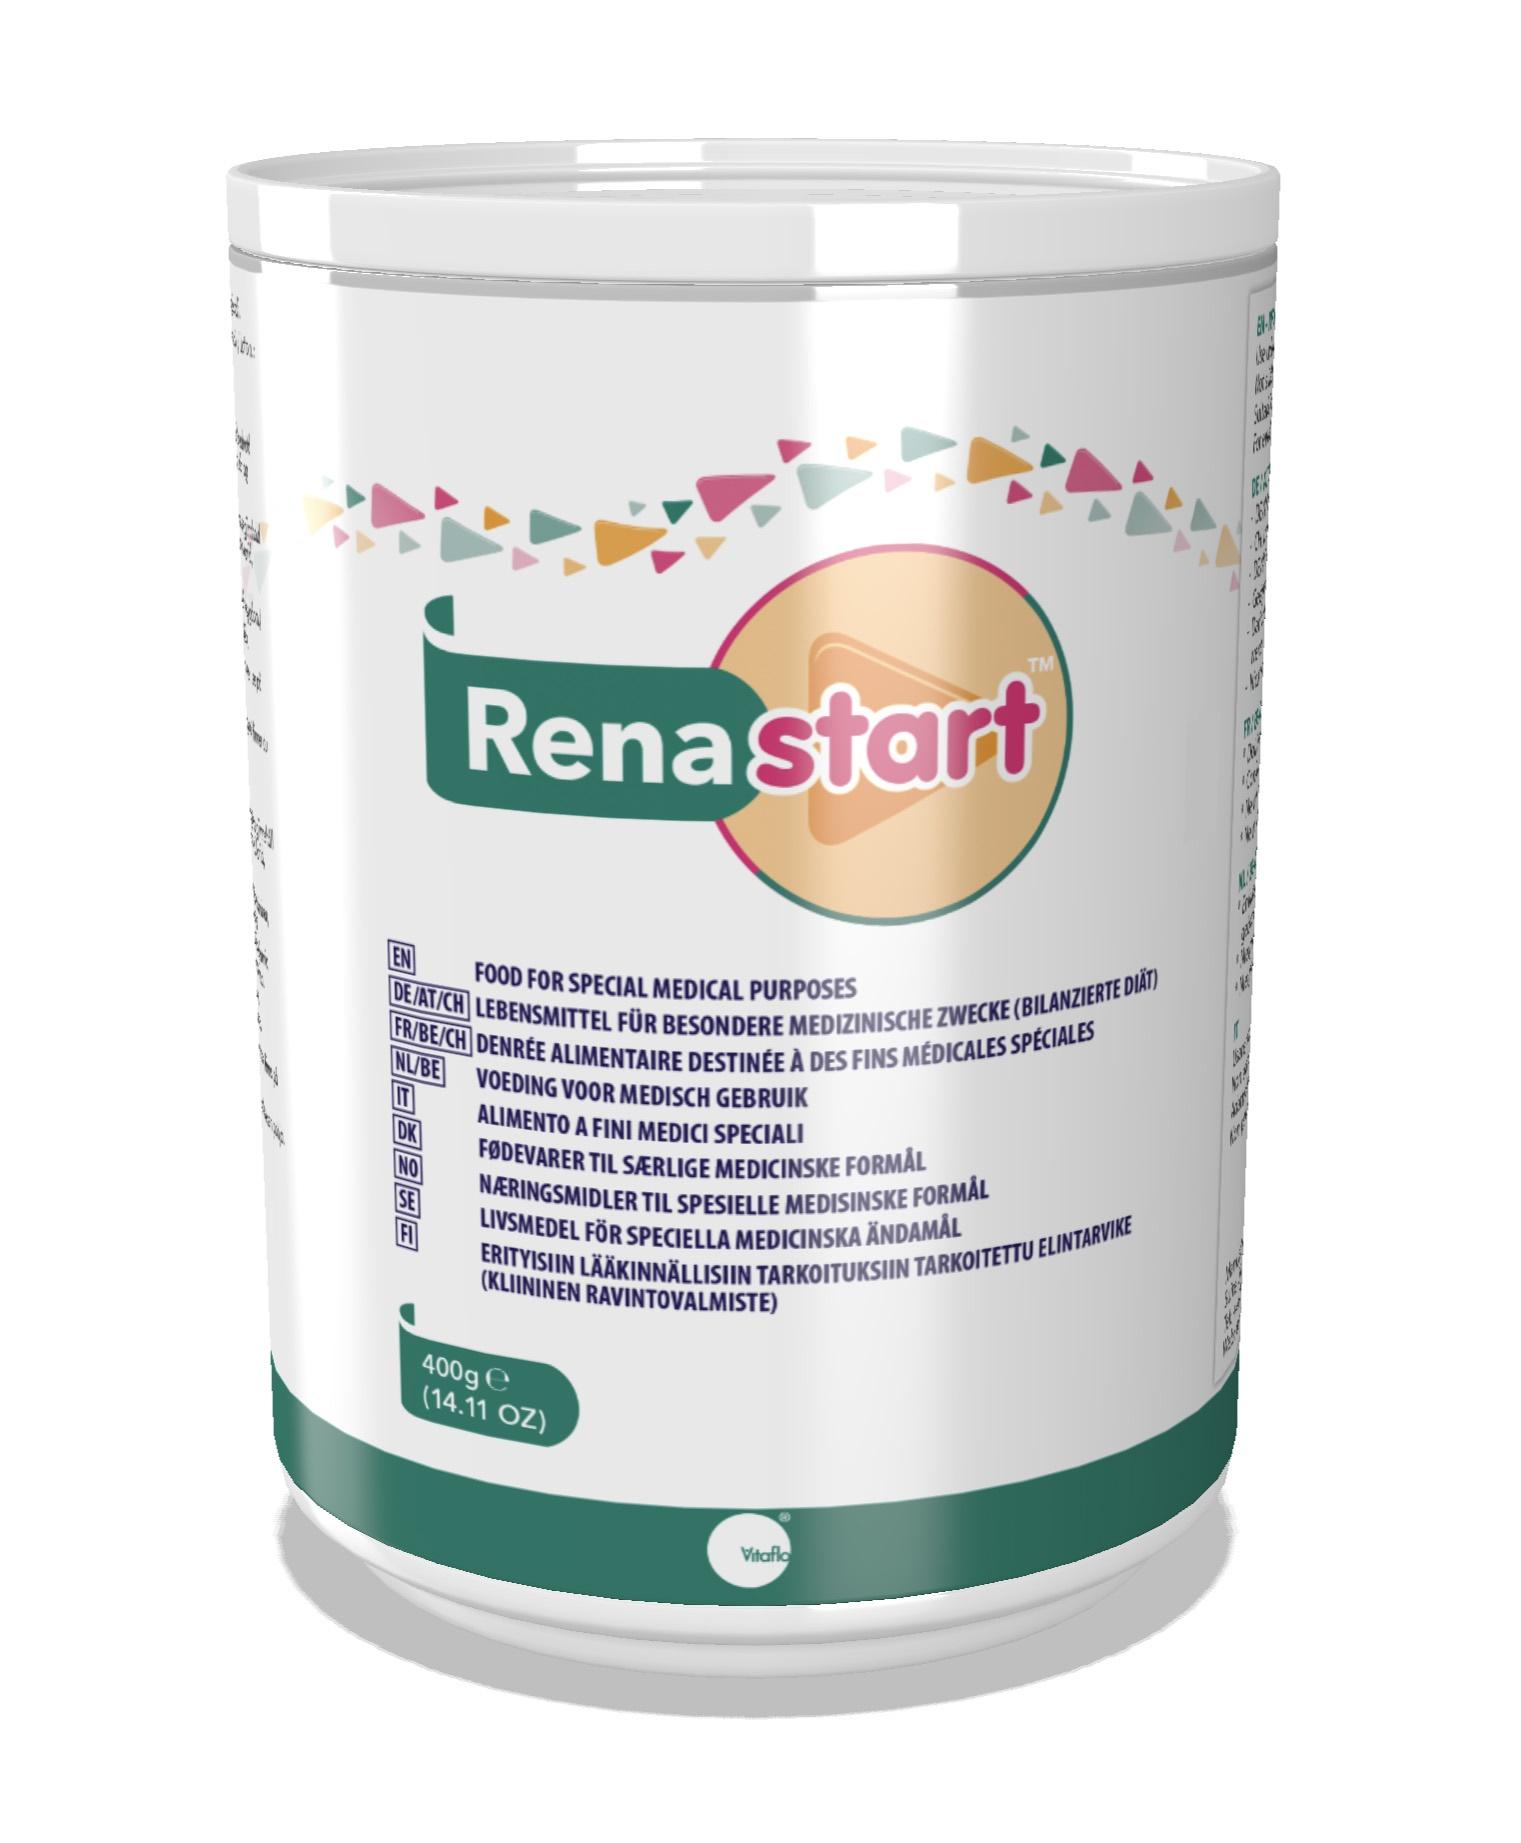 RENASTART 400G Vnr 691032